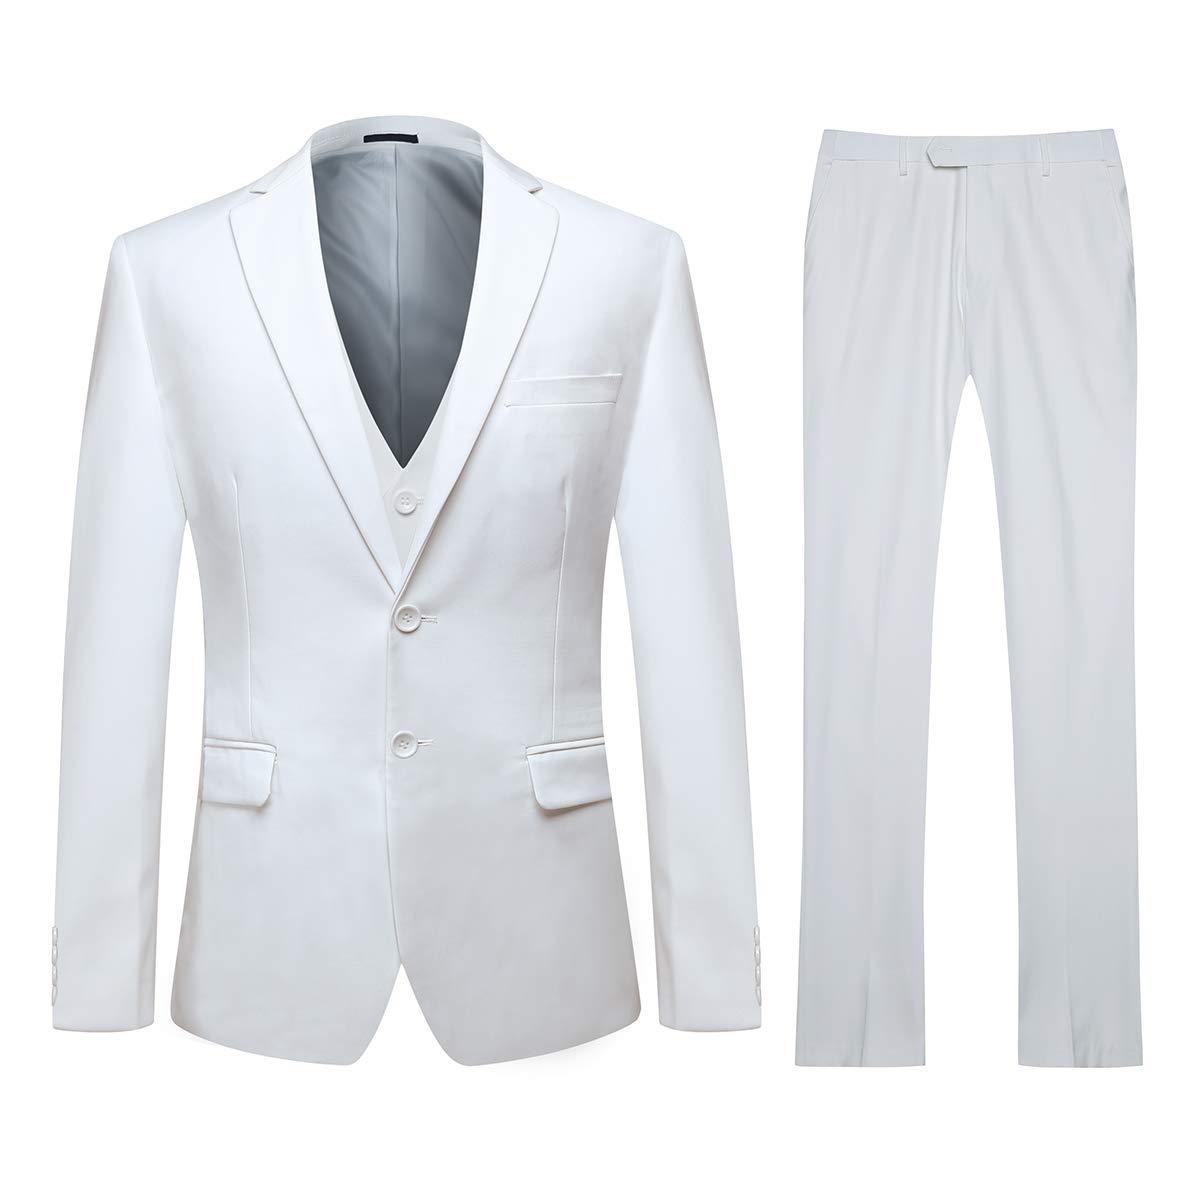 YOUTHUP Costume Homme Formel Slim Fit Boutons Elégant Classique  Trois-Pièces d affaire Mariage 1a59b6e5f82